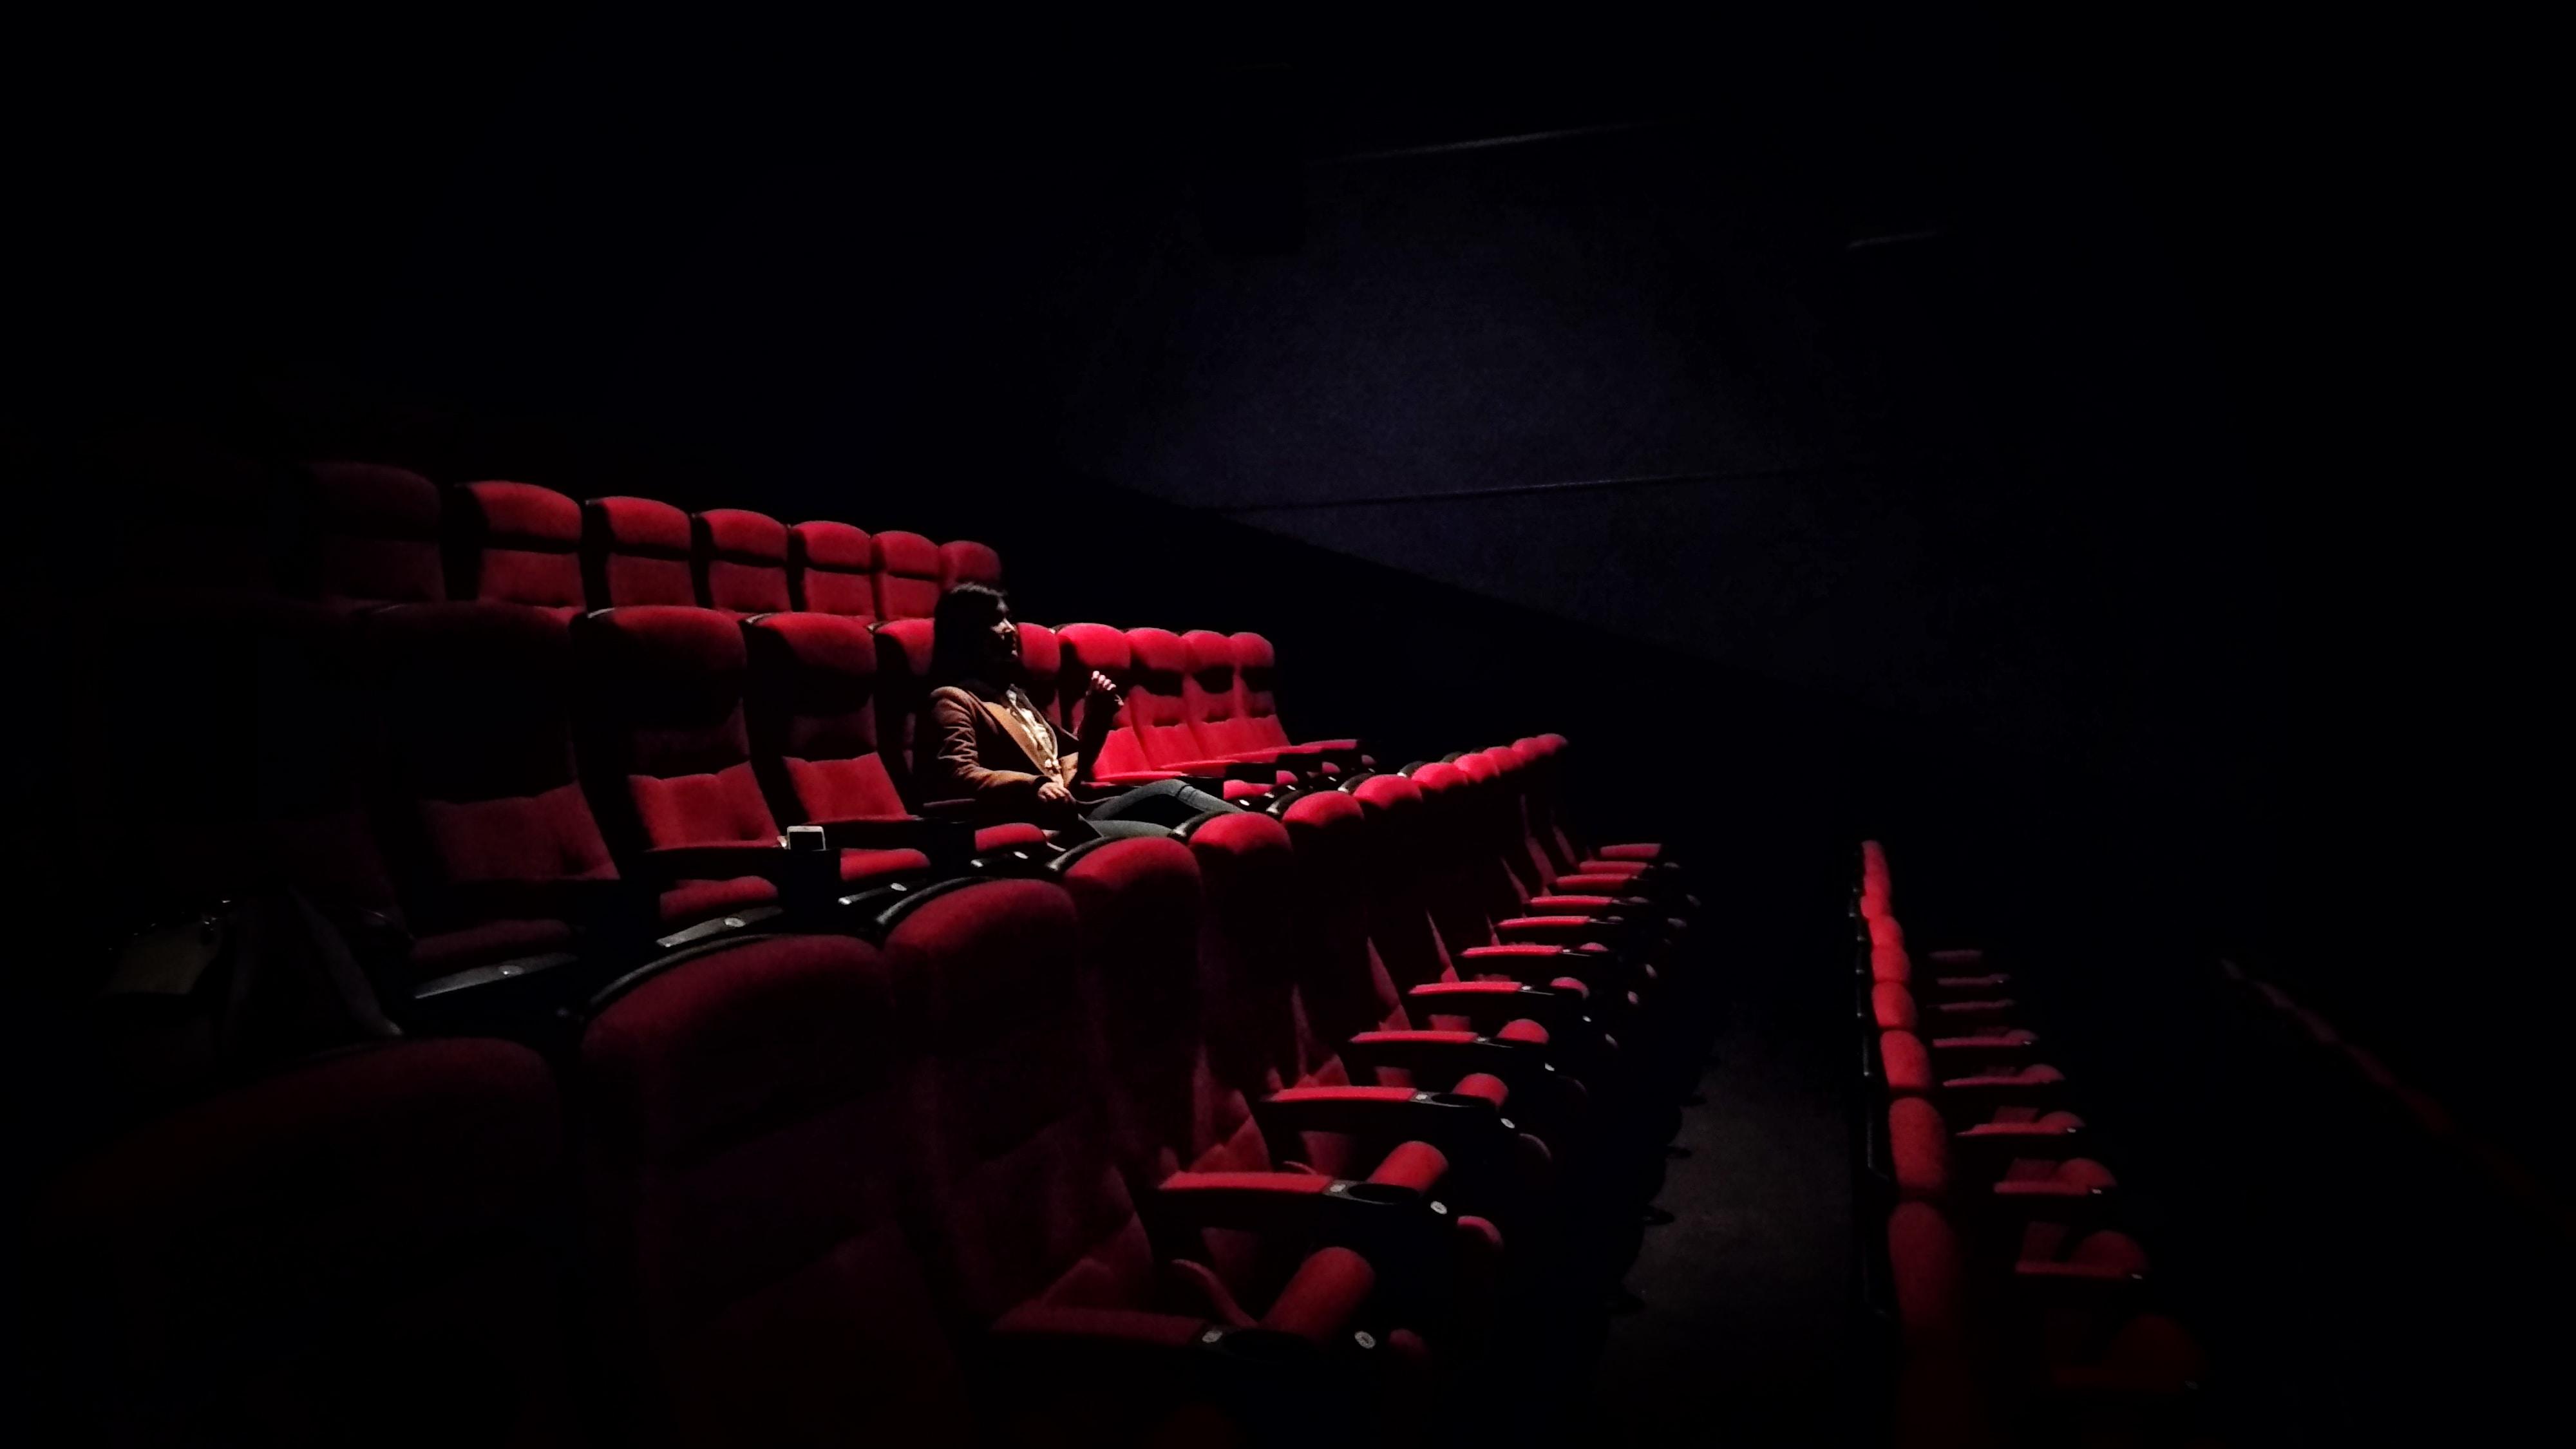 Xem phim một mình có thực sự nhàm chán?